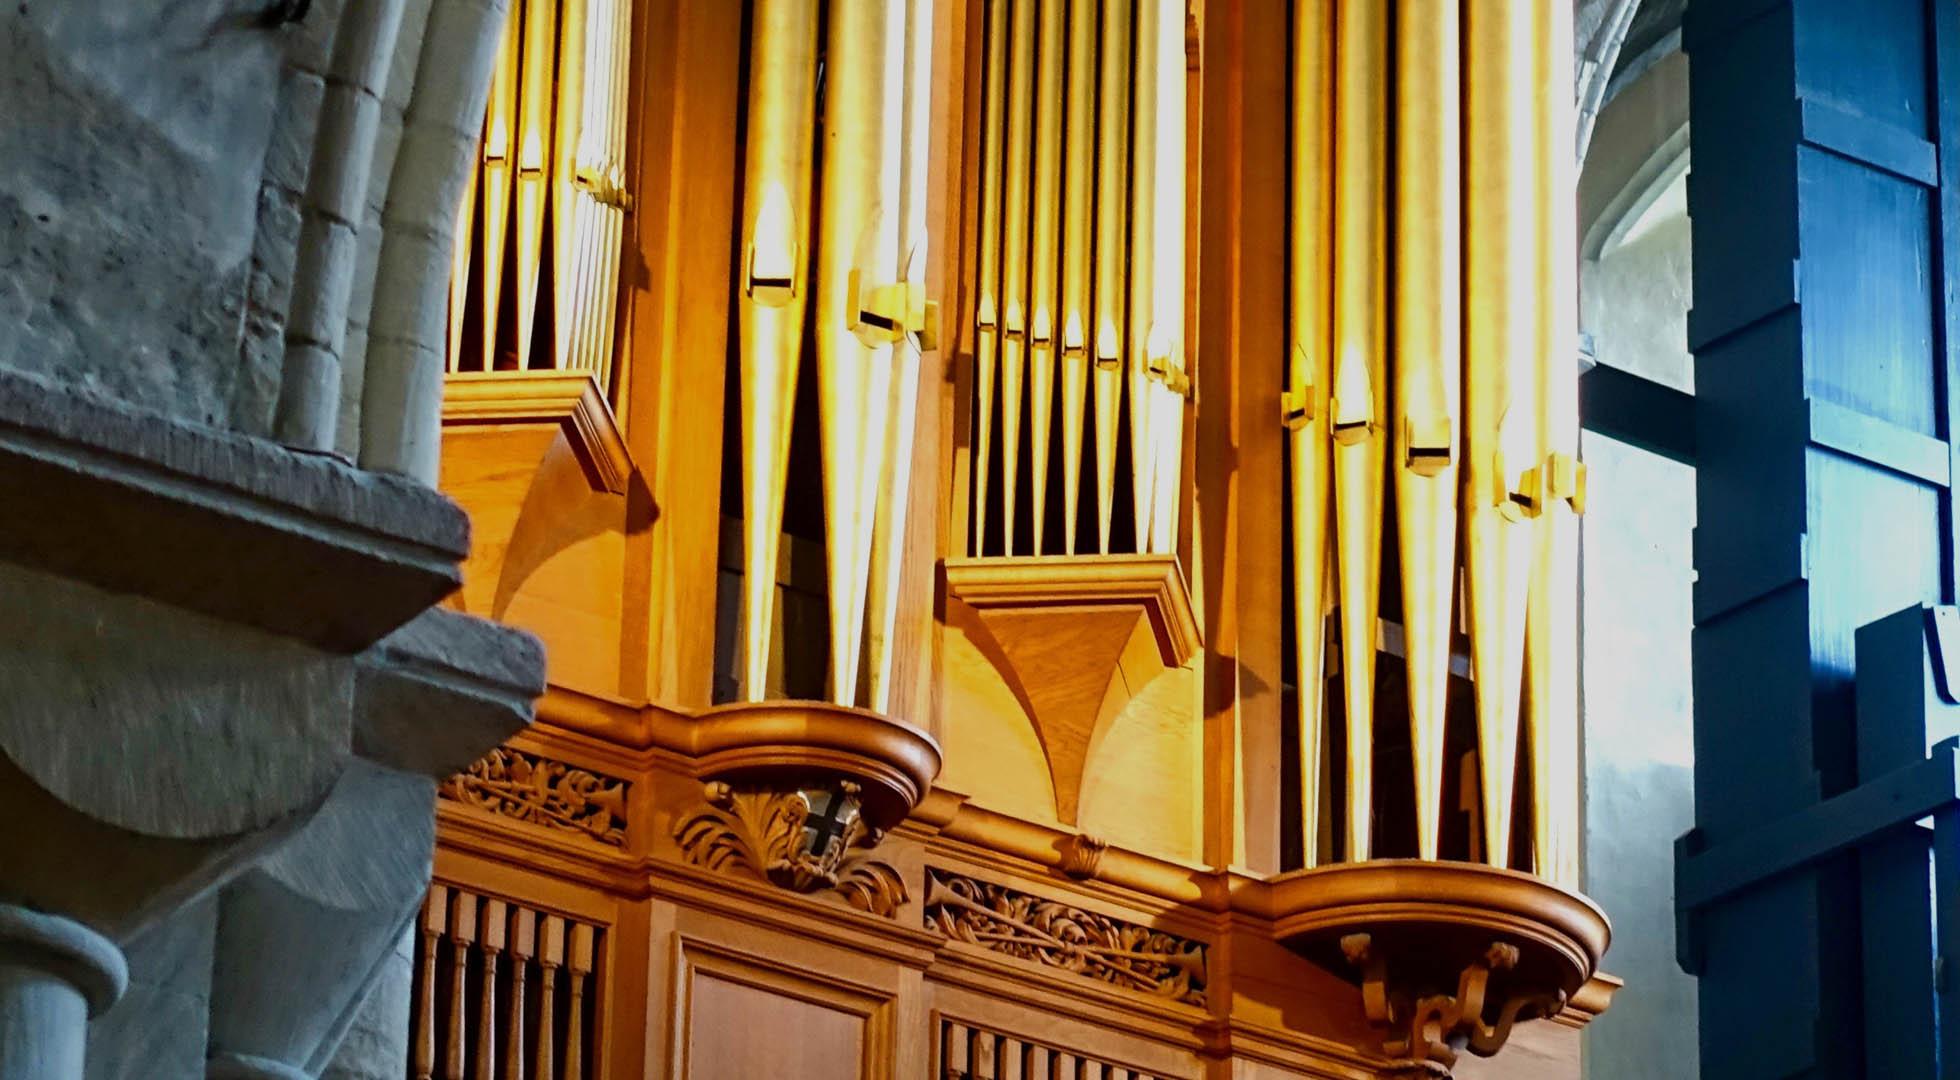 The name to trust in pipe organ repair